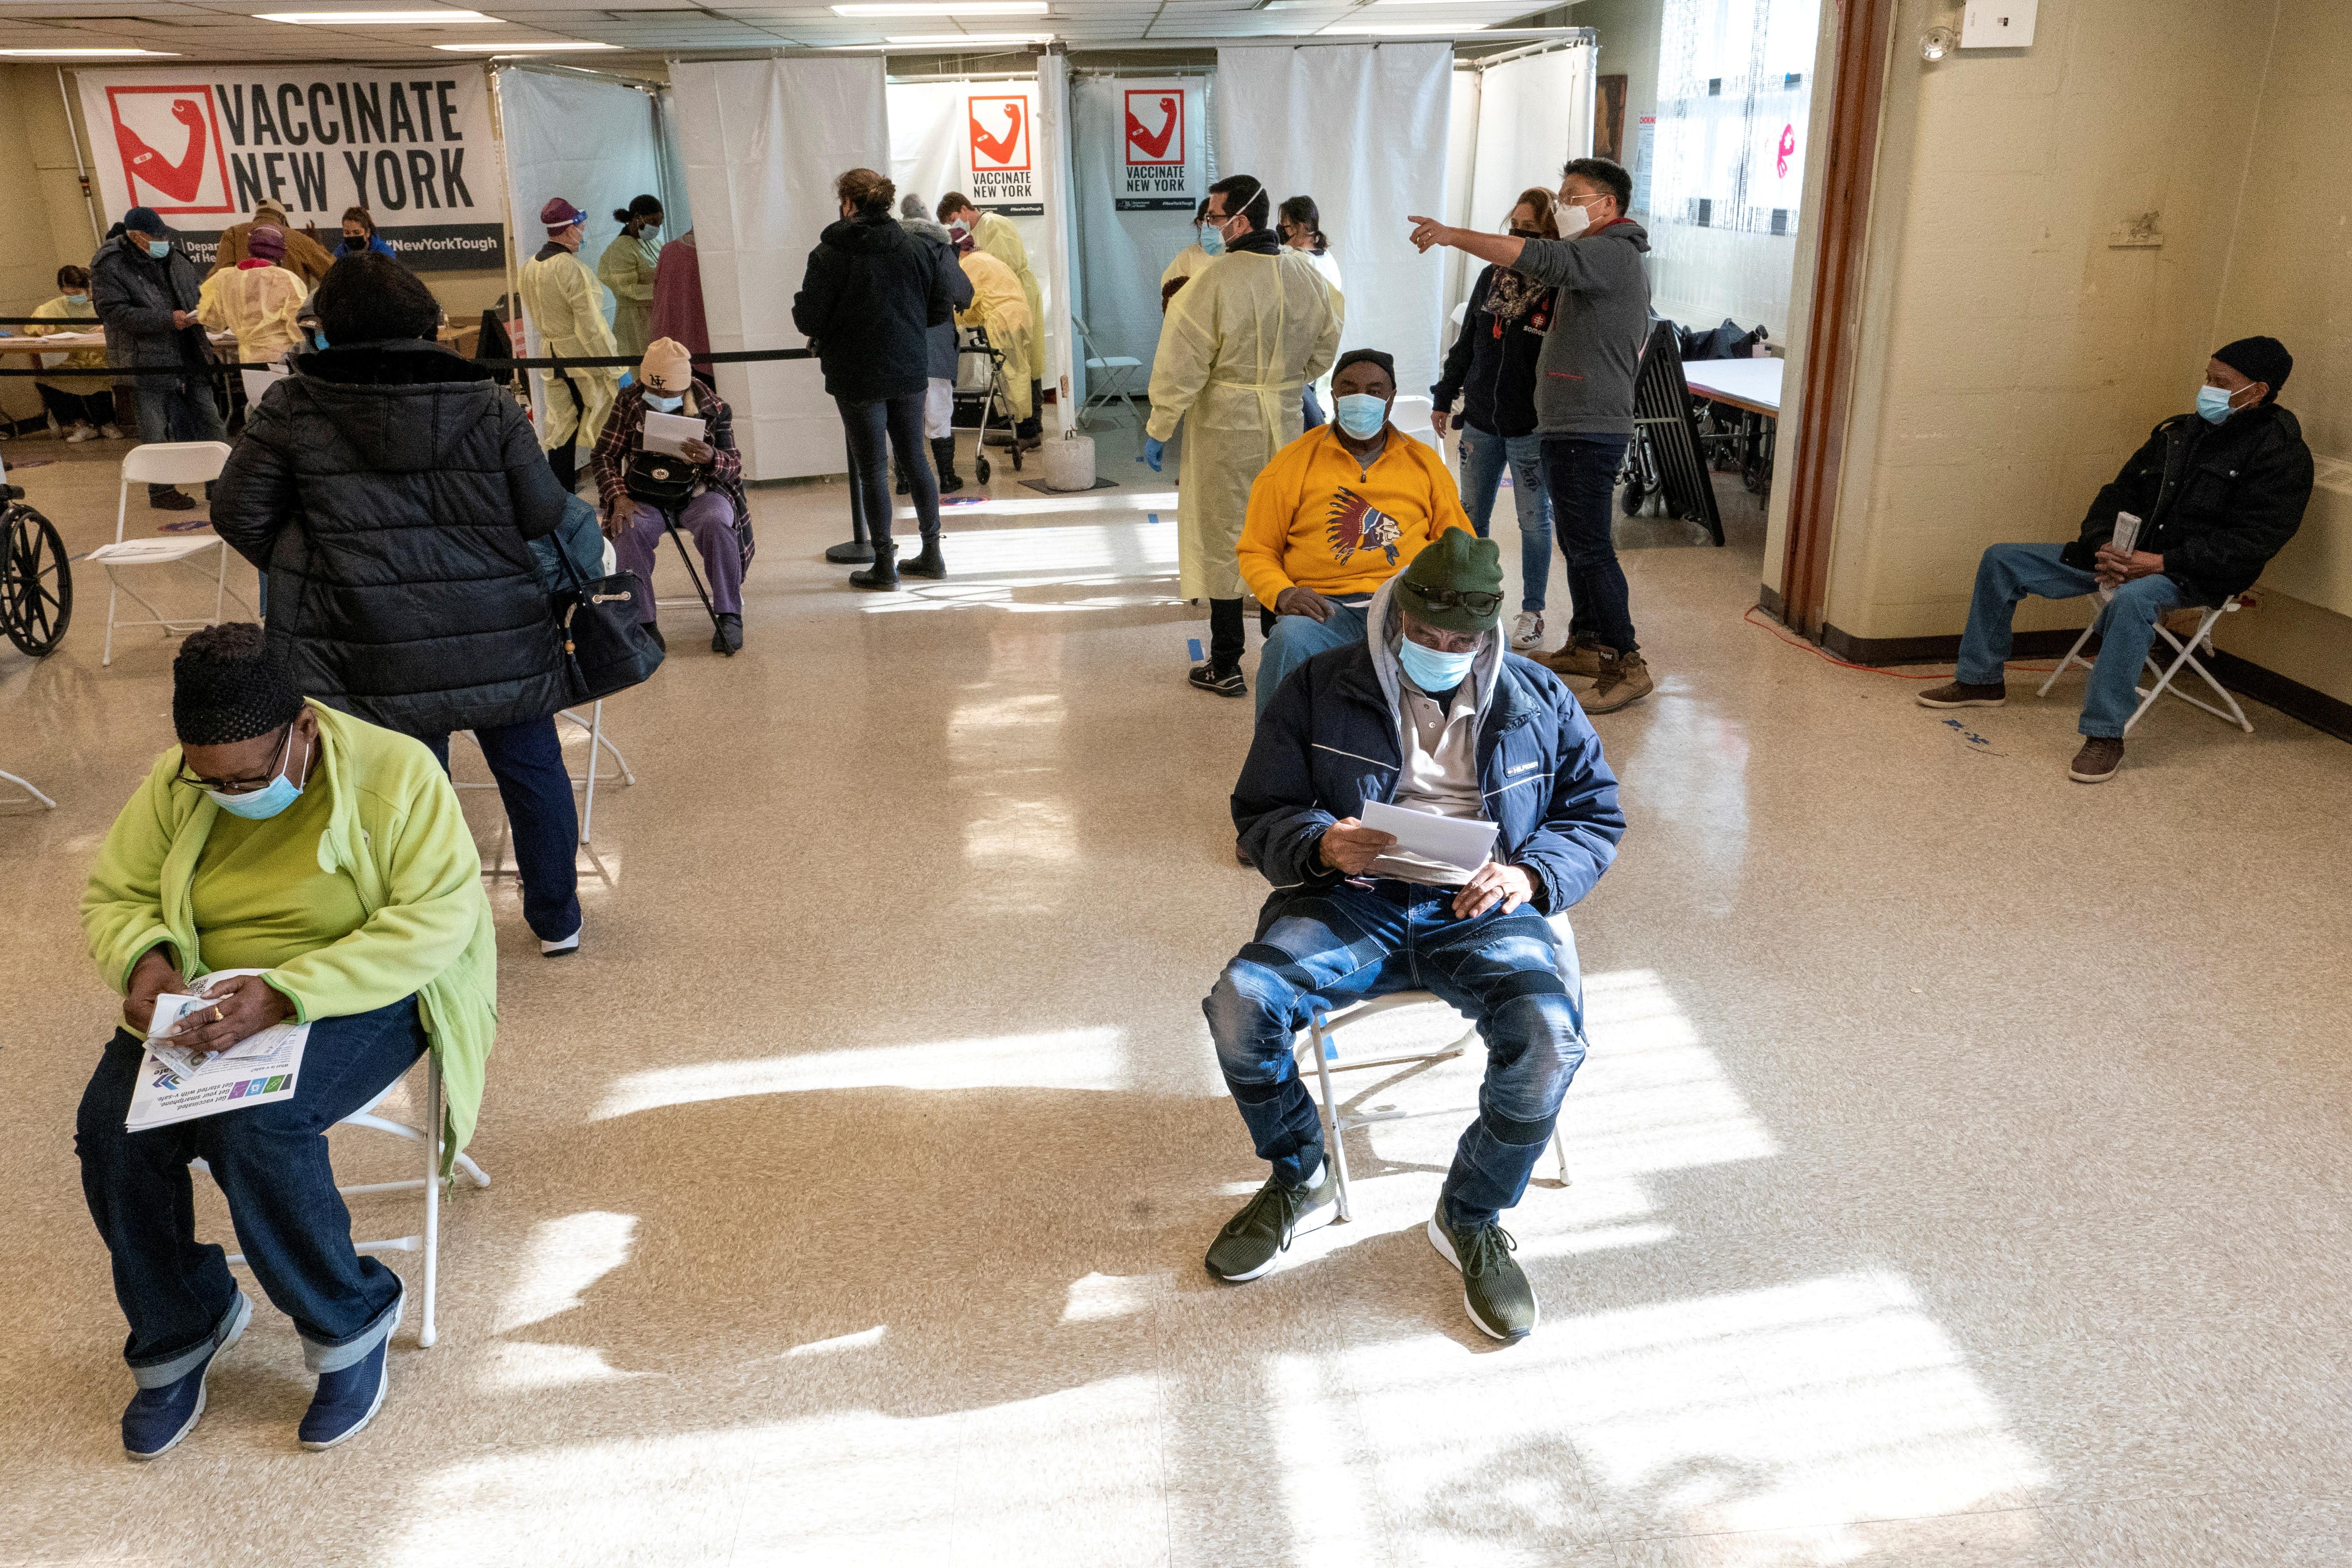 Cư dân của Căn hộ William Reid nghỉ ngơi trong vài phút sau khi tiêm liều đầu tiên của vắc-xin COVID-19 tại một điểm tiêm chủng pop-up trong khu nhà ở NYCHA ở Brooklyn, Thành phố New York, Hoa Kỳ, ngày 23 tháng 1 năm 2021. Mary Altaffer / Nhóm qua REUTERS